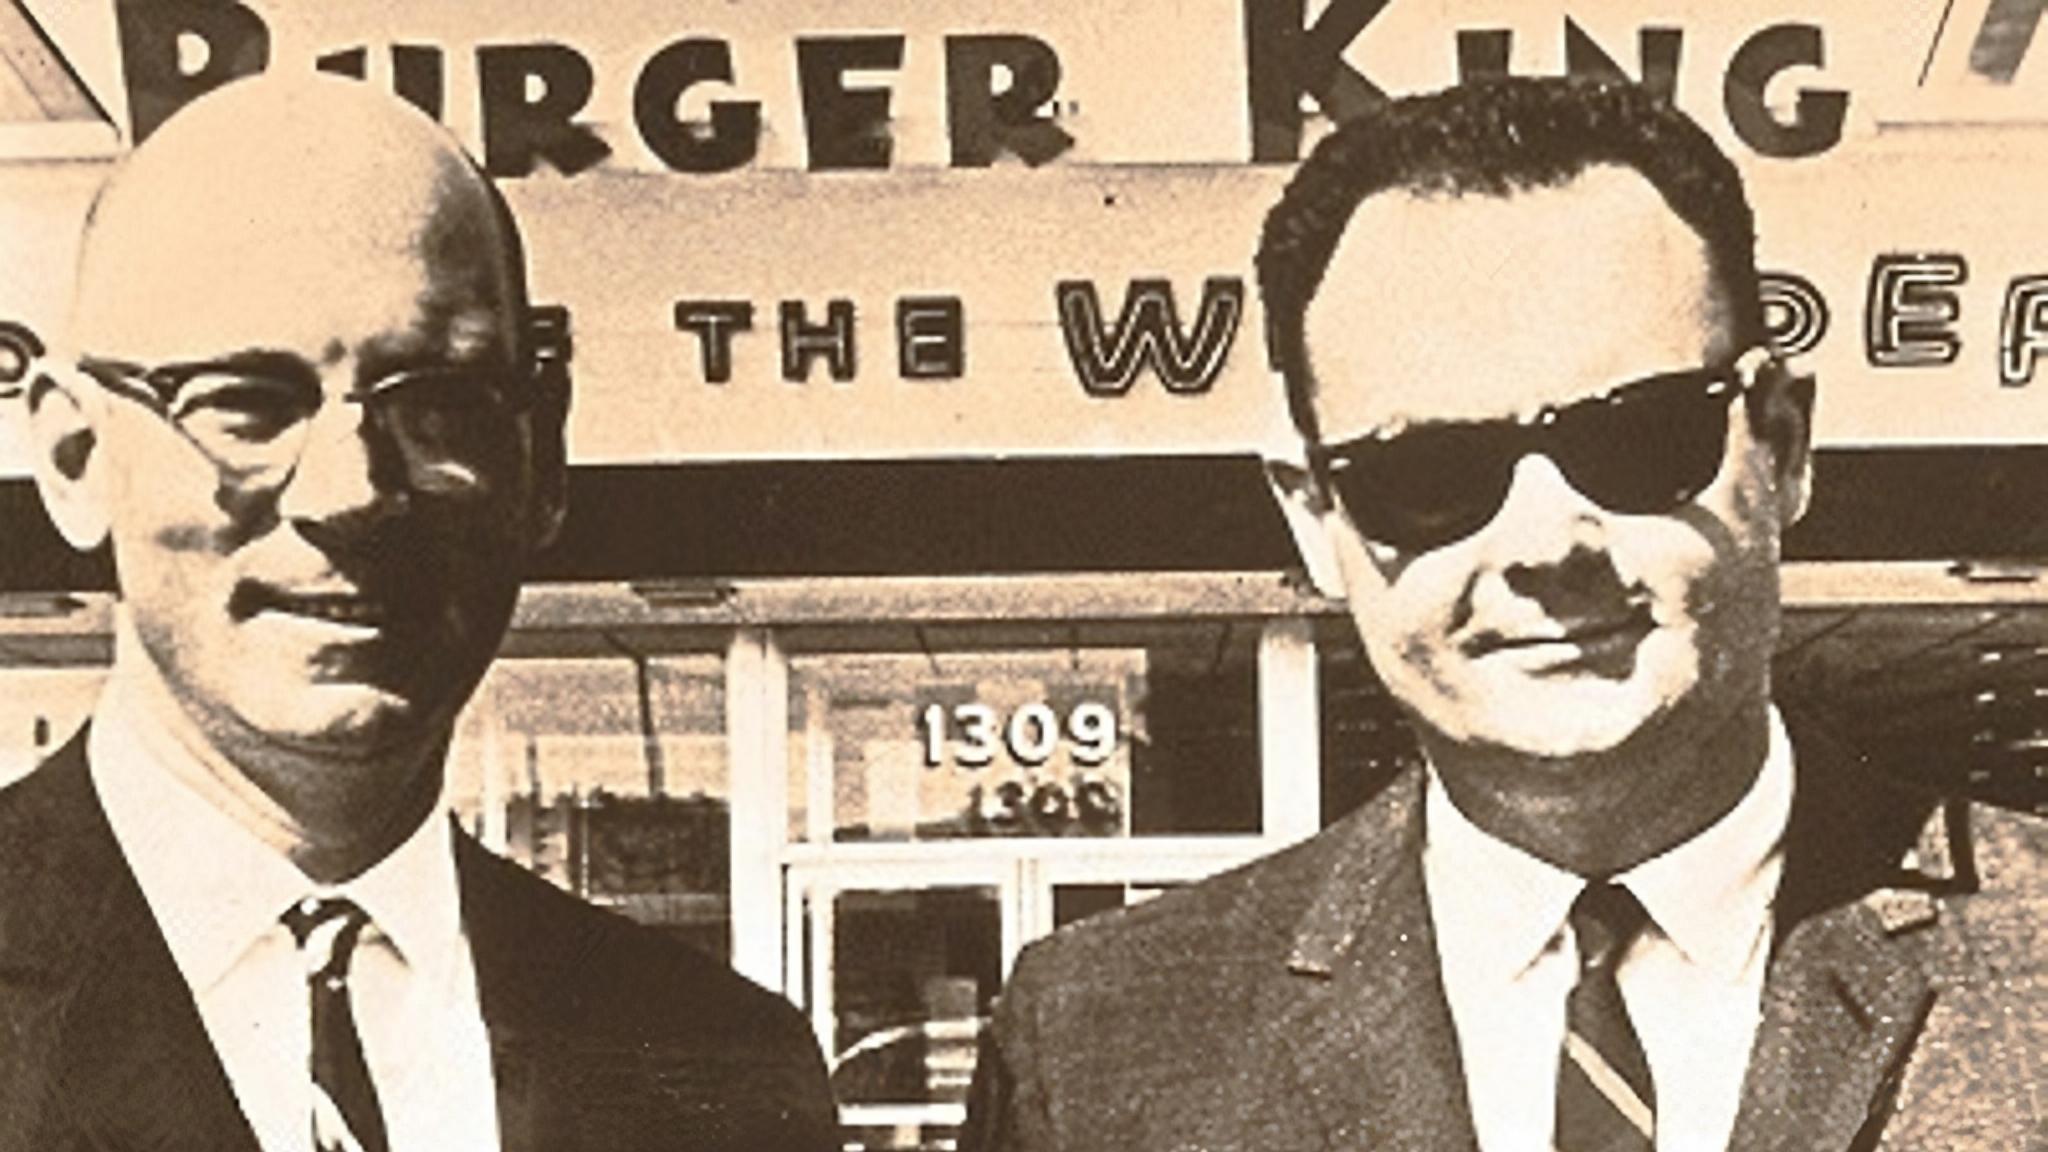 """As Burger King rebrands, we recall Lebanon-born cofounder David Edgerton, drawer of original """"king"""" logo"""